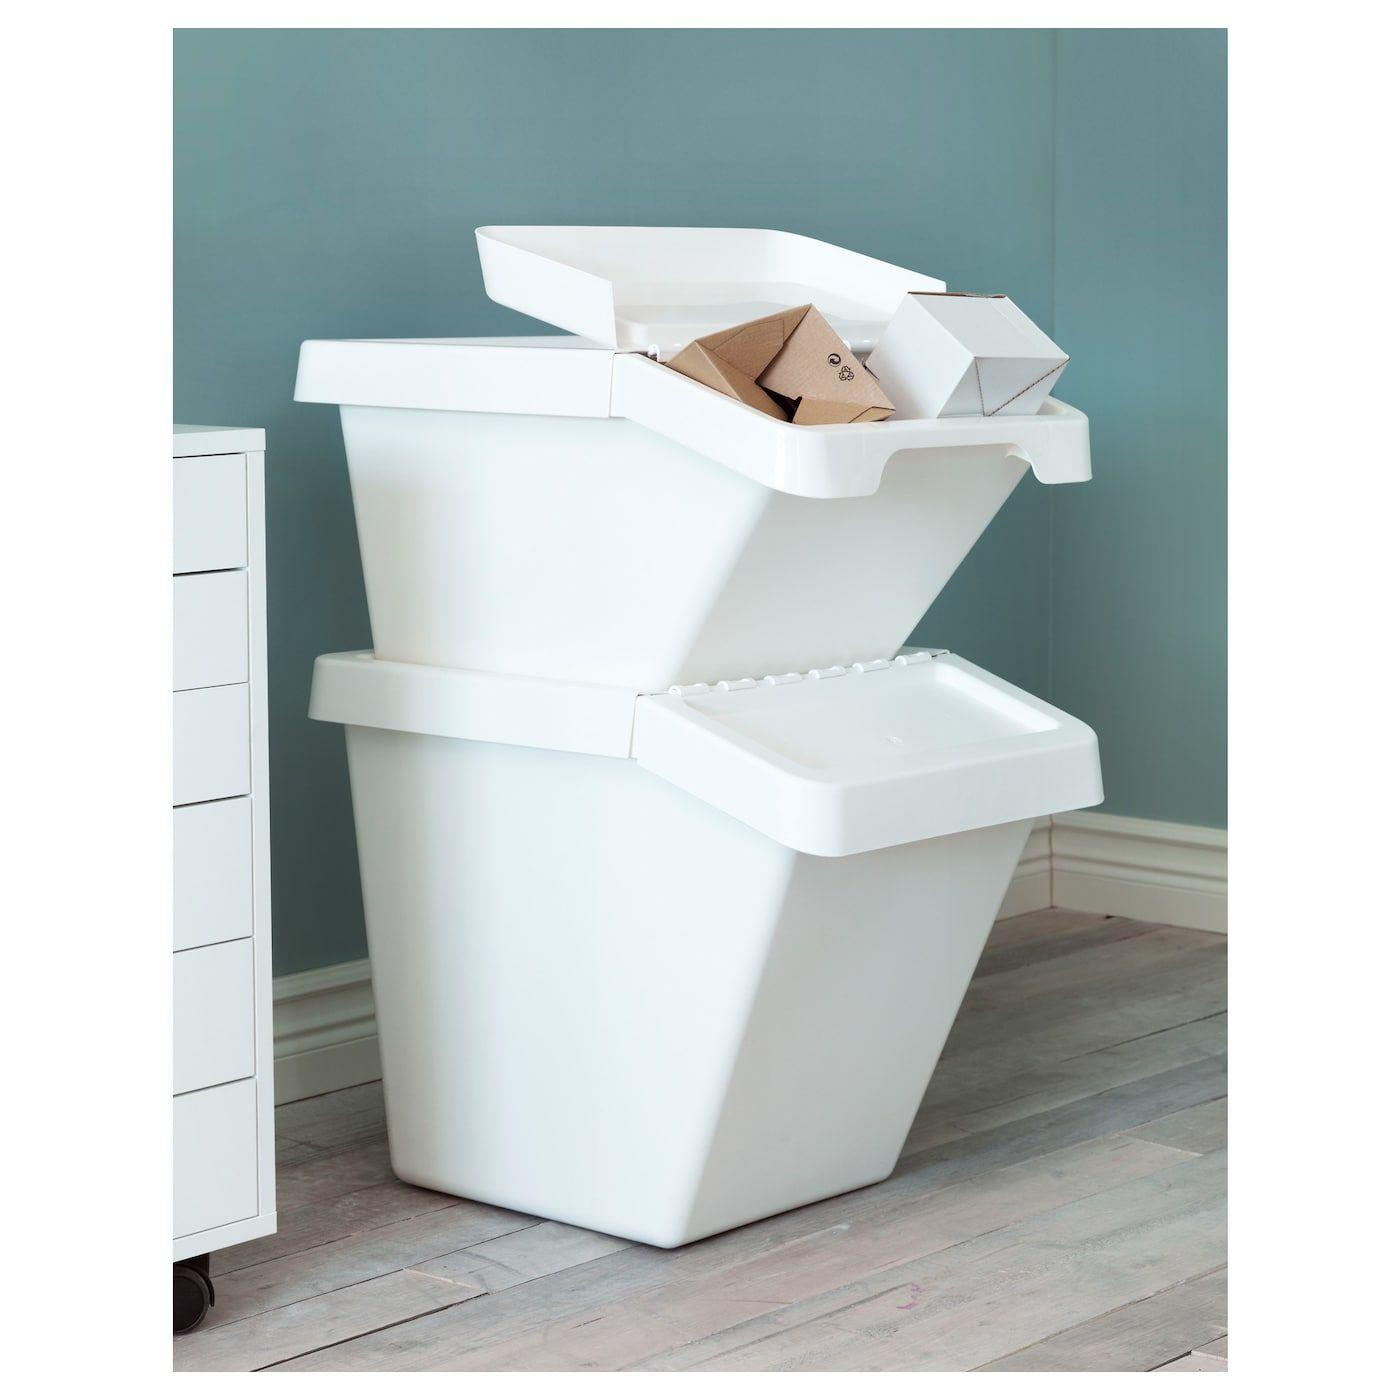 SORTERA Abfalleimer mit Deckel - weiß - IKEA Deutschland